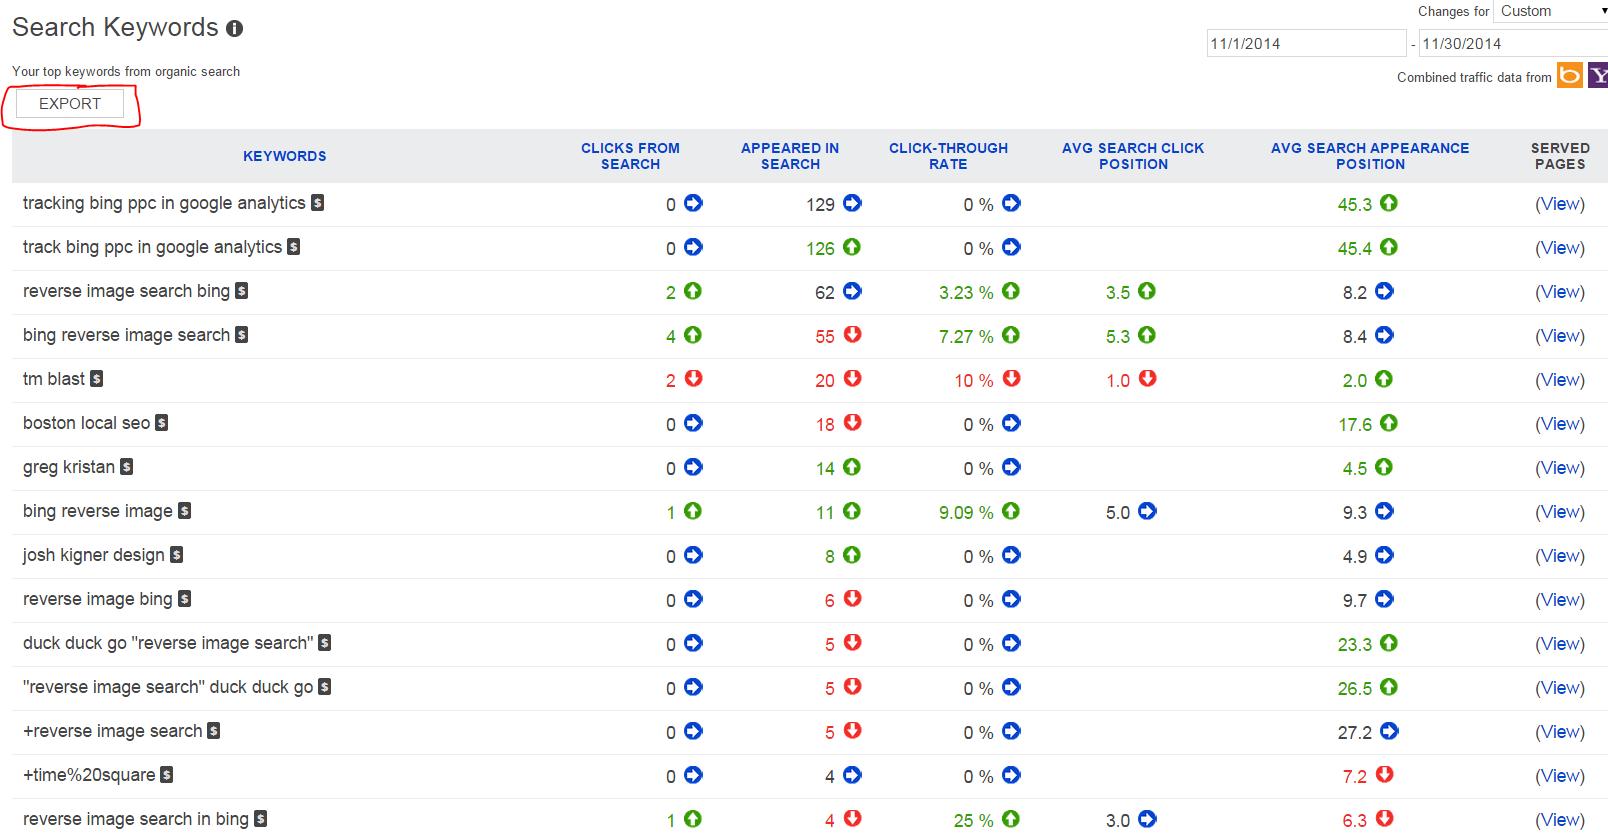 Export the data in Bing WMT